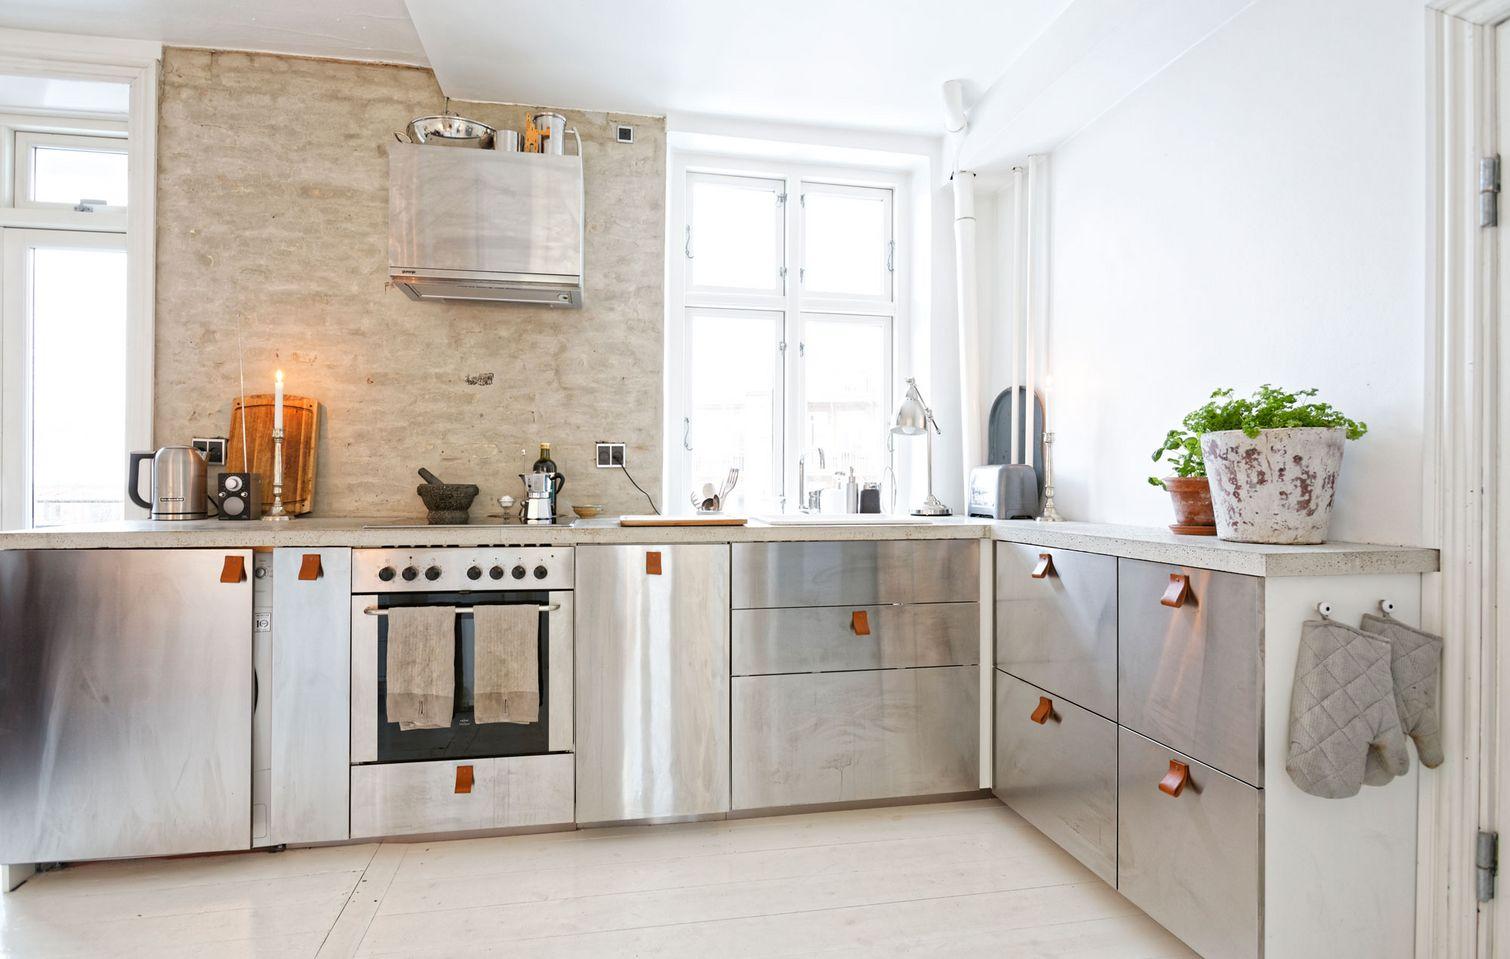 White Keuken Stoere : Stoere vintage keuken van josefin thestylebox